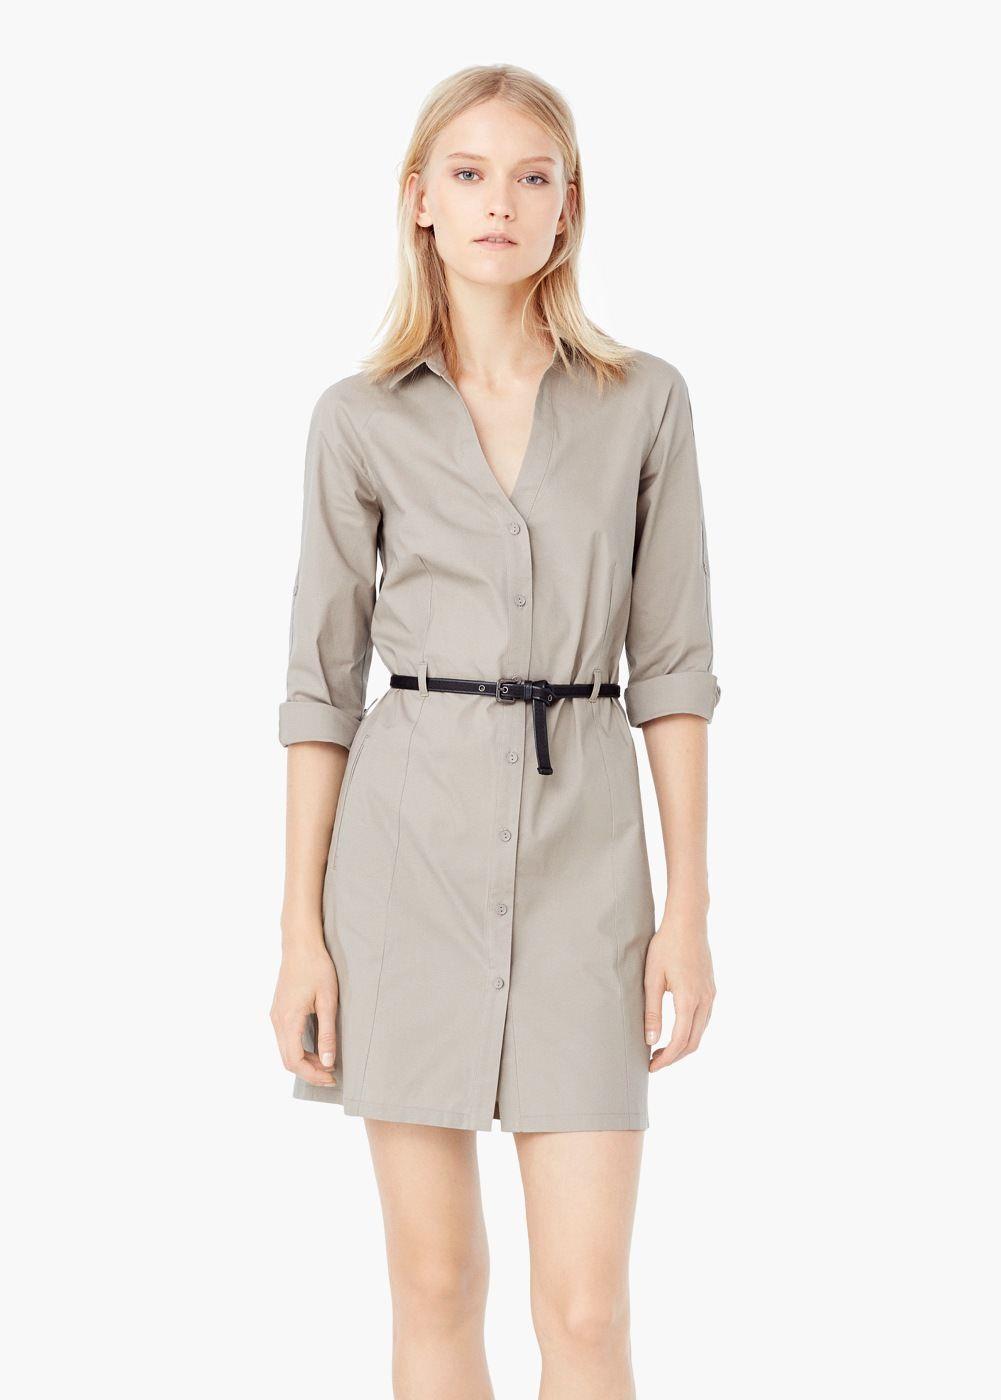 Robe chemisier coton - Femme   mon dressing   Pinterest   Chemisier ... 5650ae25a589